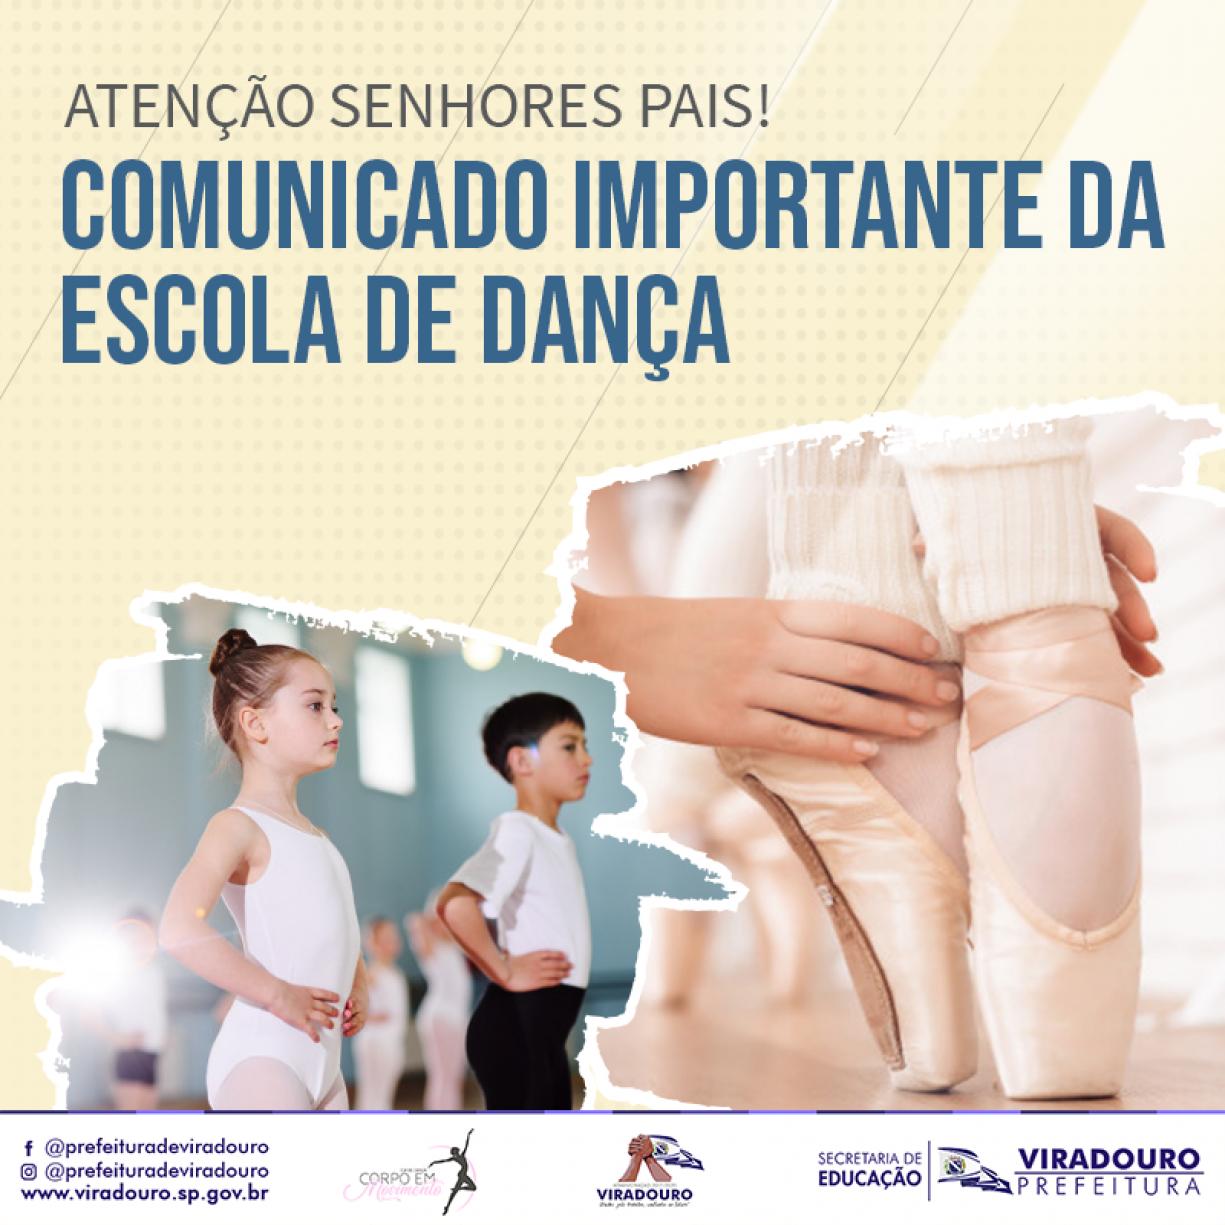 Comunicado Importante da Escola de Dança